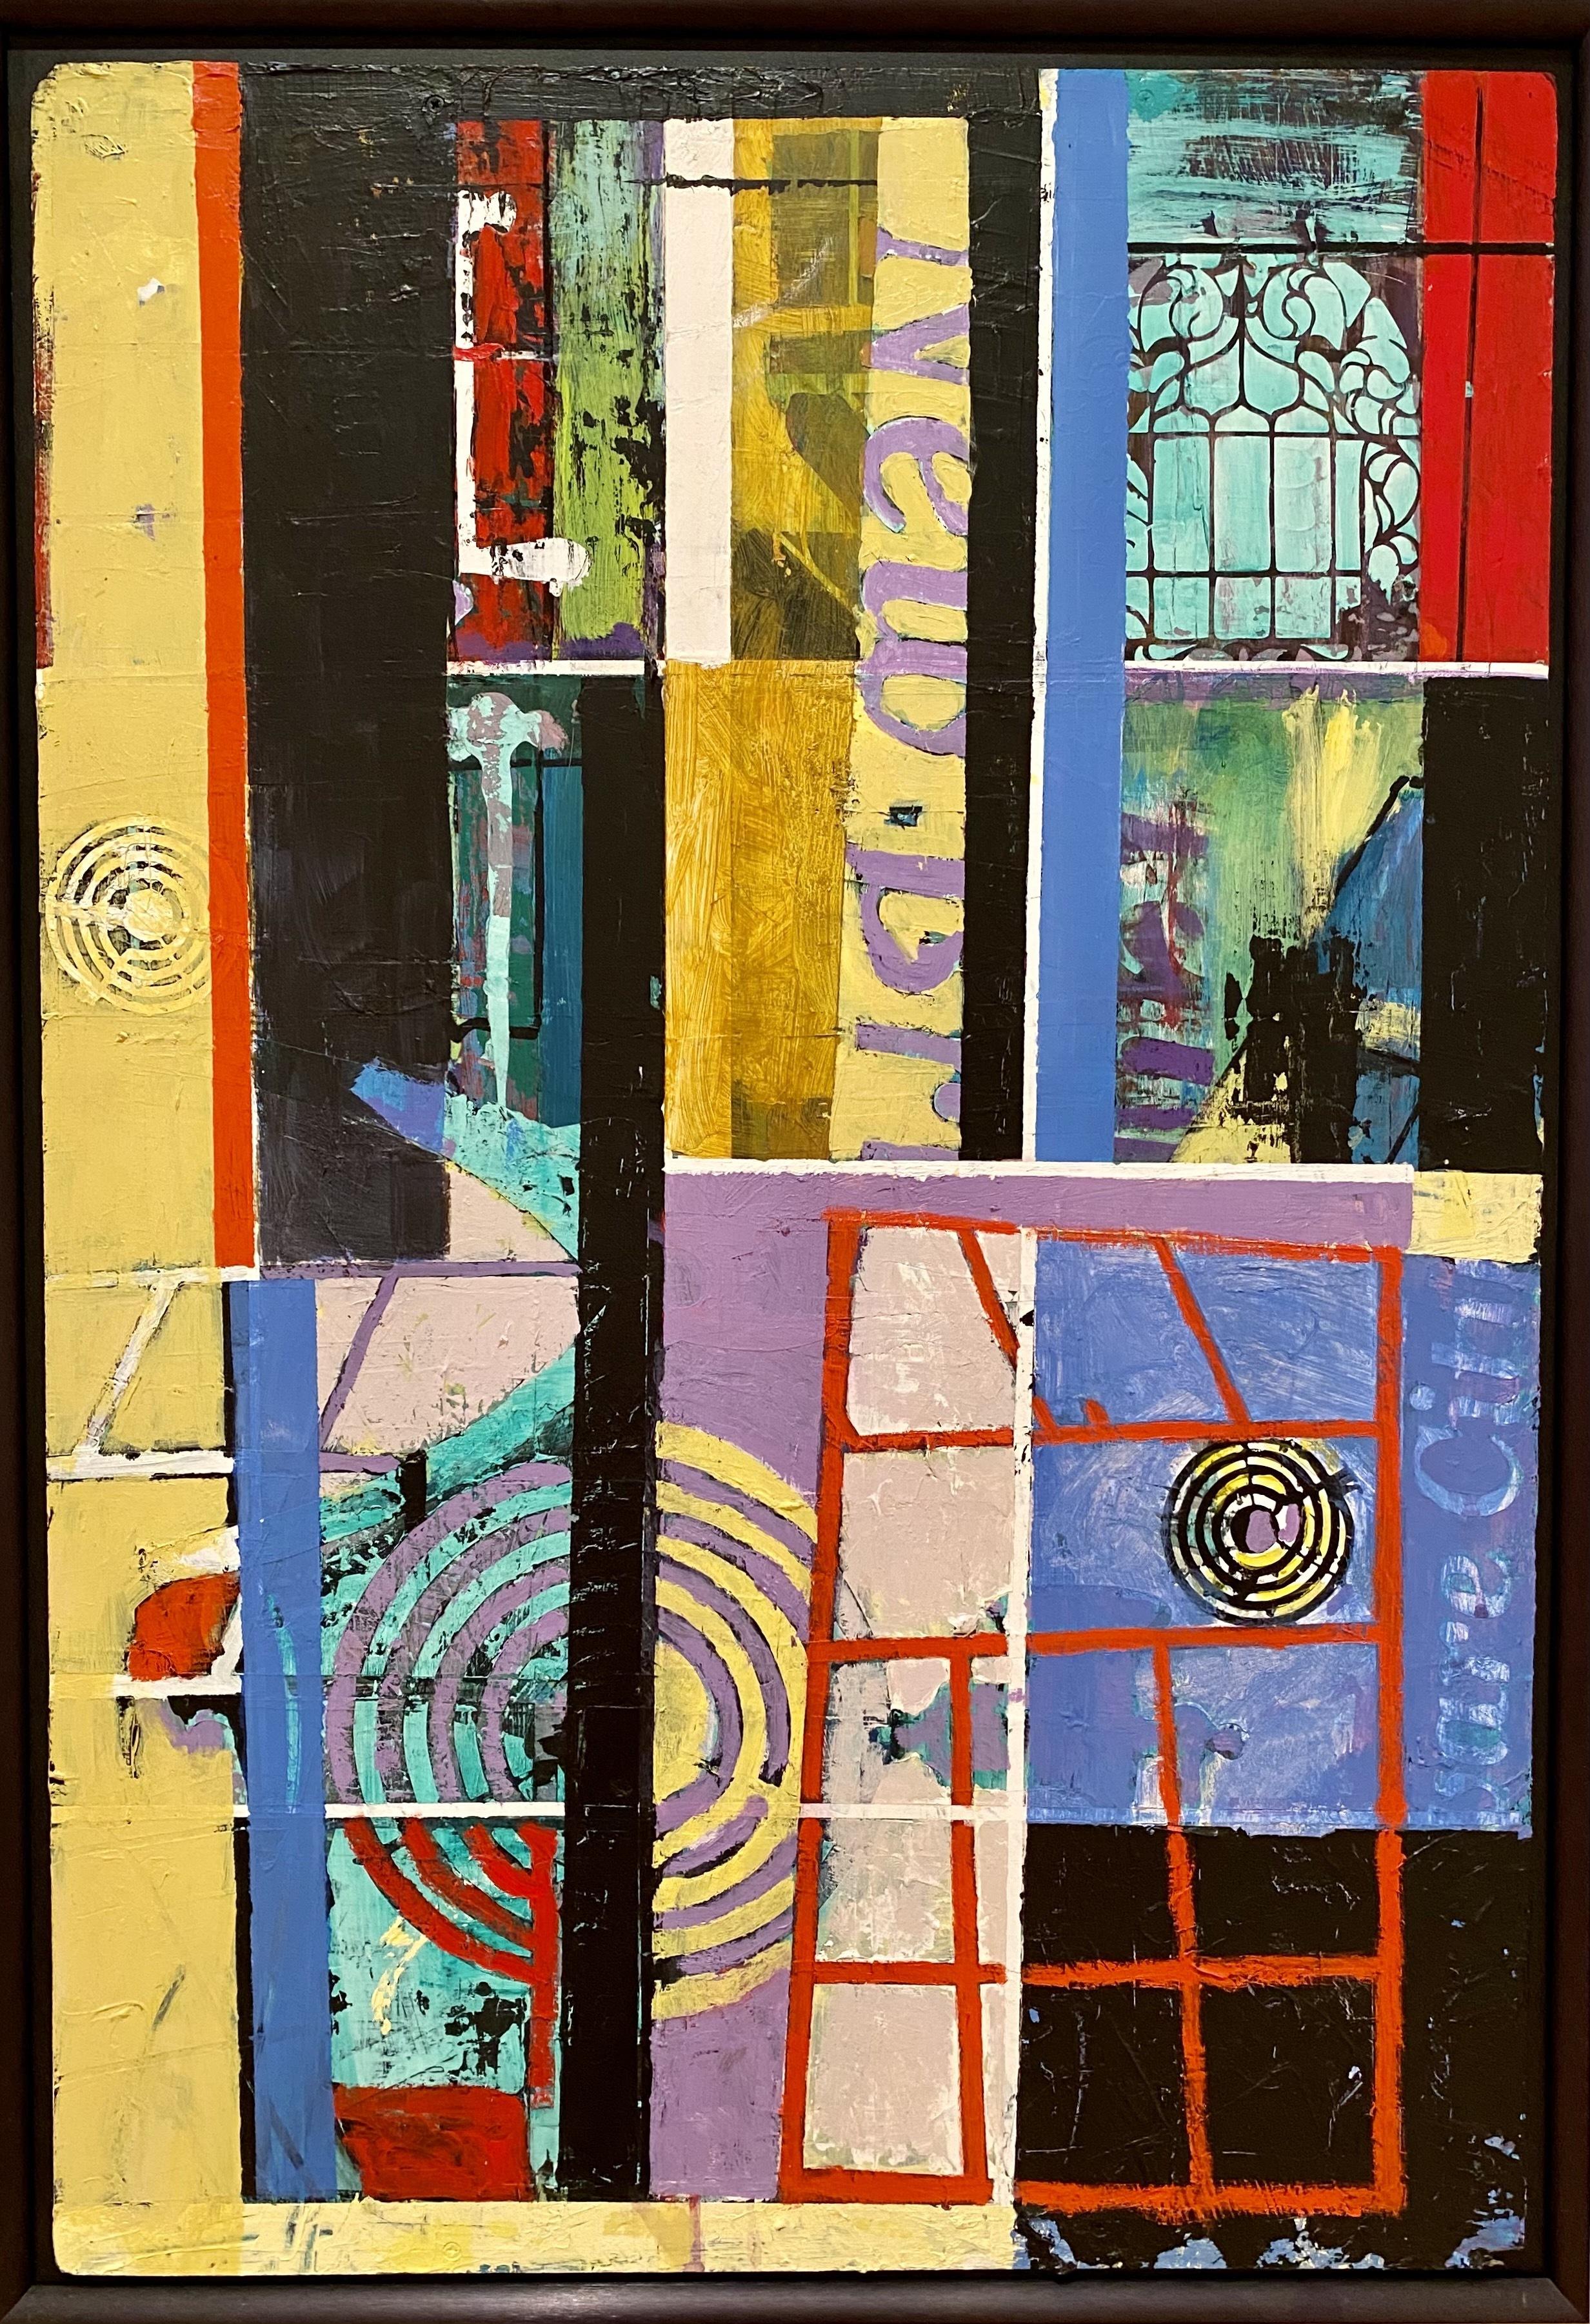 Paul Baylock, <i> Universal I</i>, 2013, Acrylic on plywood, Charles F. Smith Fund